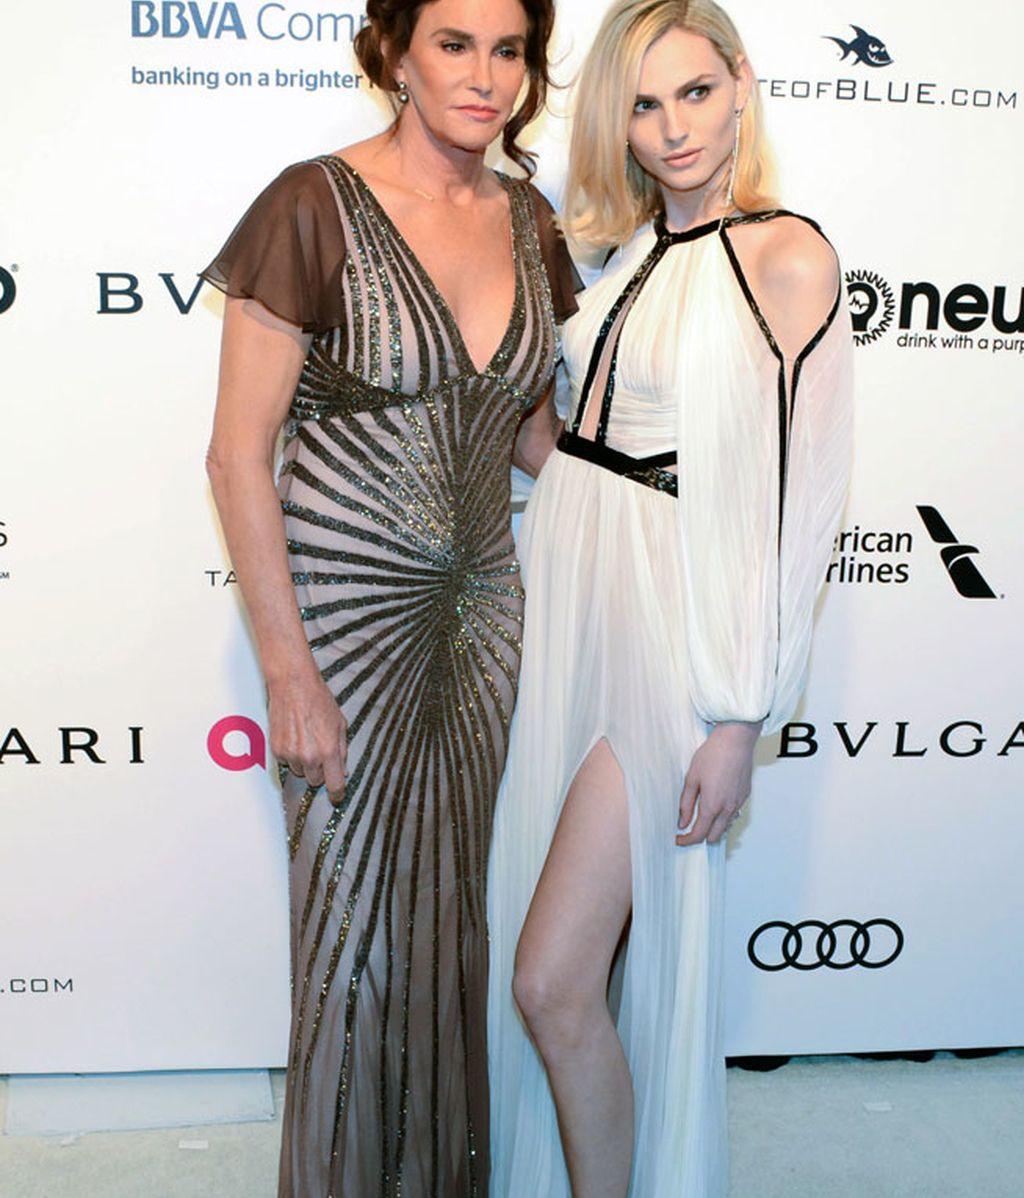 Caitlyn Jenner llevaba un vestido de lentejuelas y posó junto a Andrea Pejic